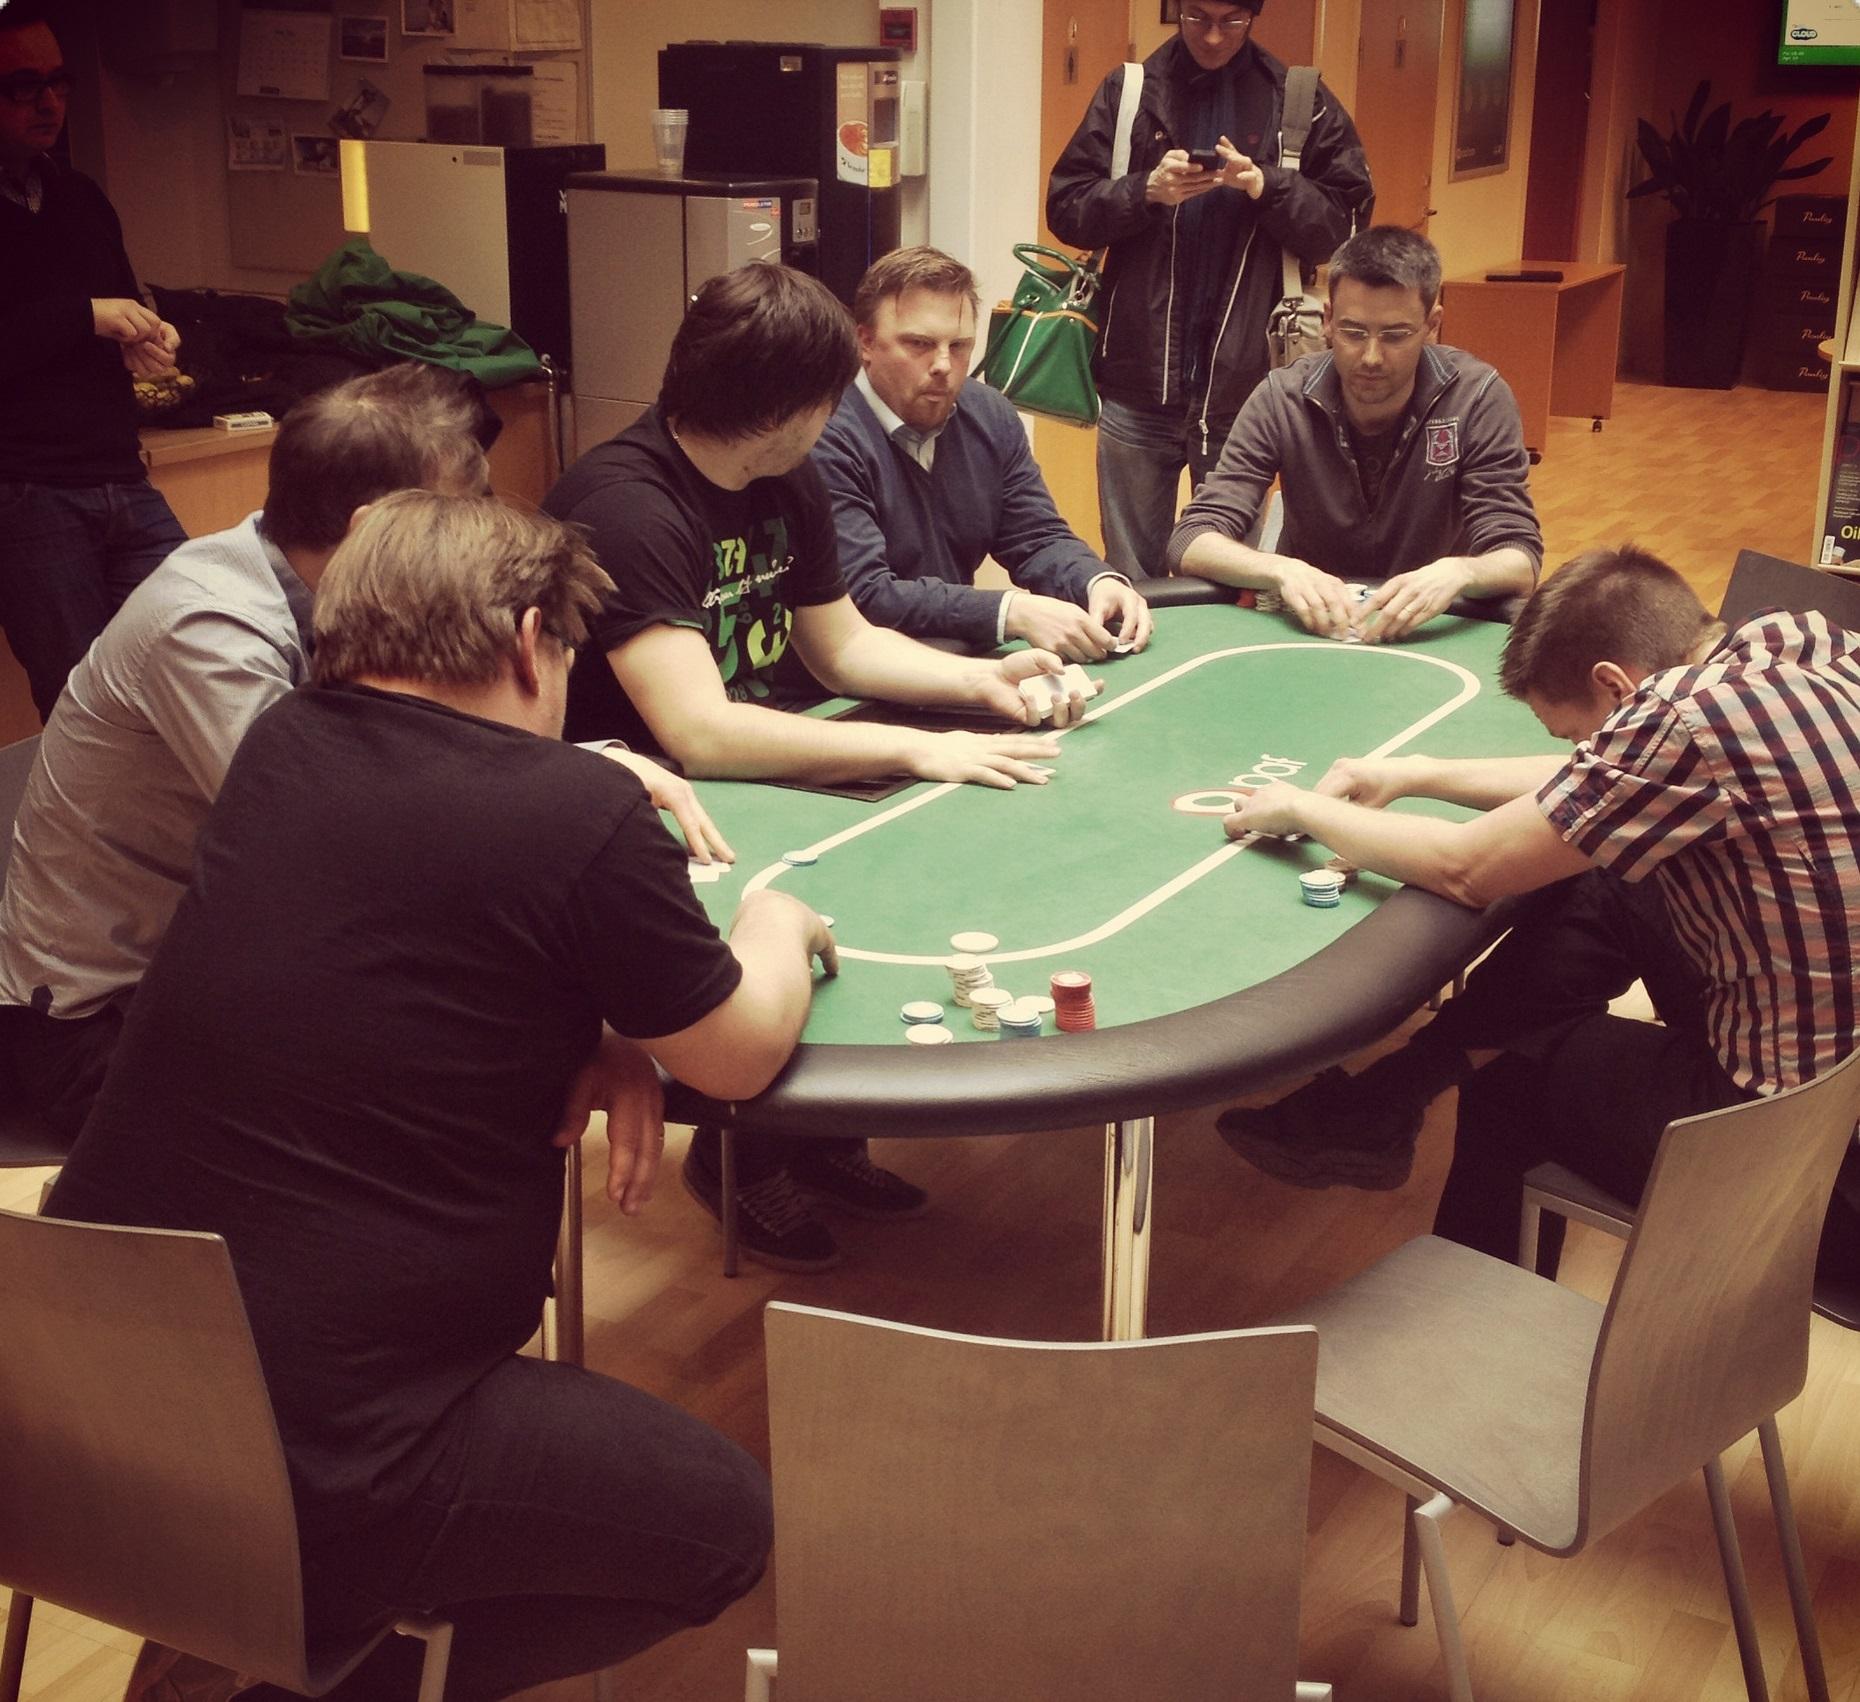 11174055573866 De 'juego de azar' 'deporte de la mente': conozca la historia del poker